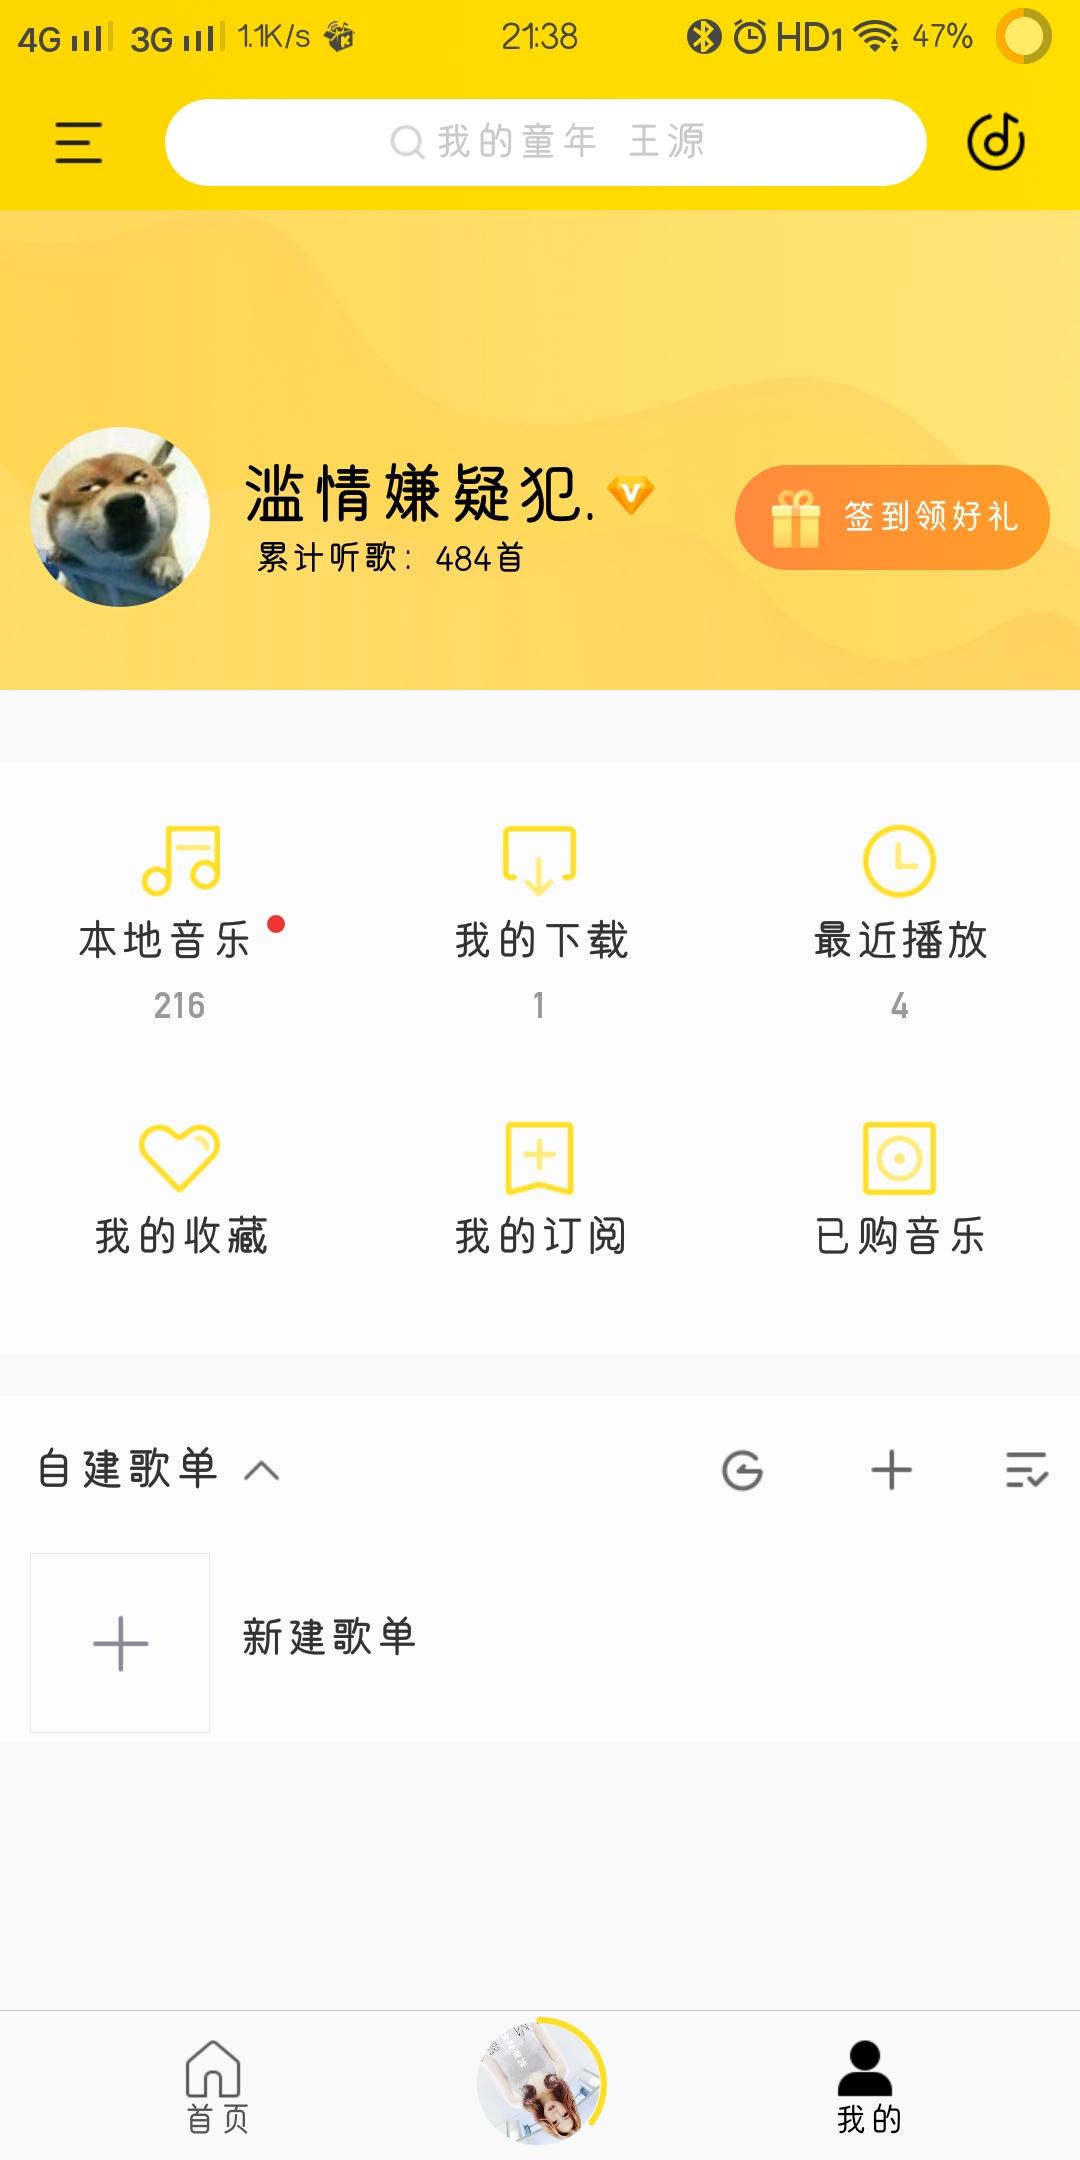 Screenshot_20181117_213841.jpg